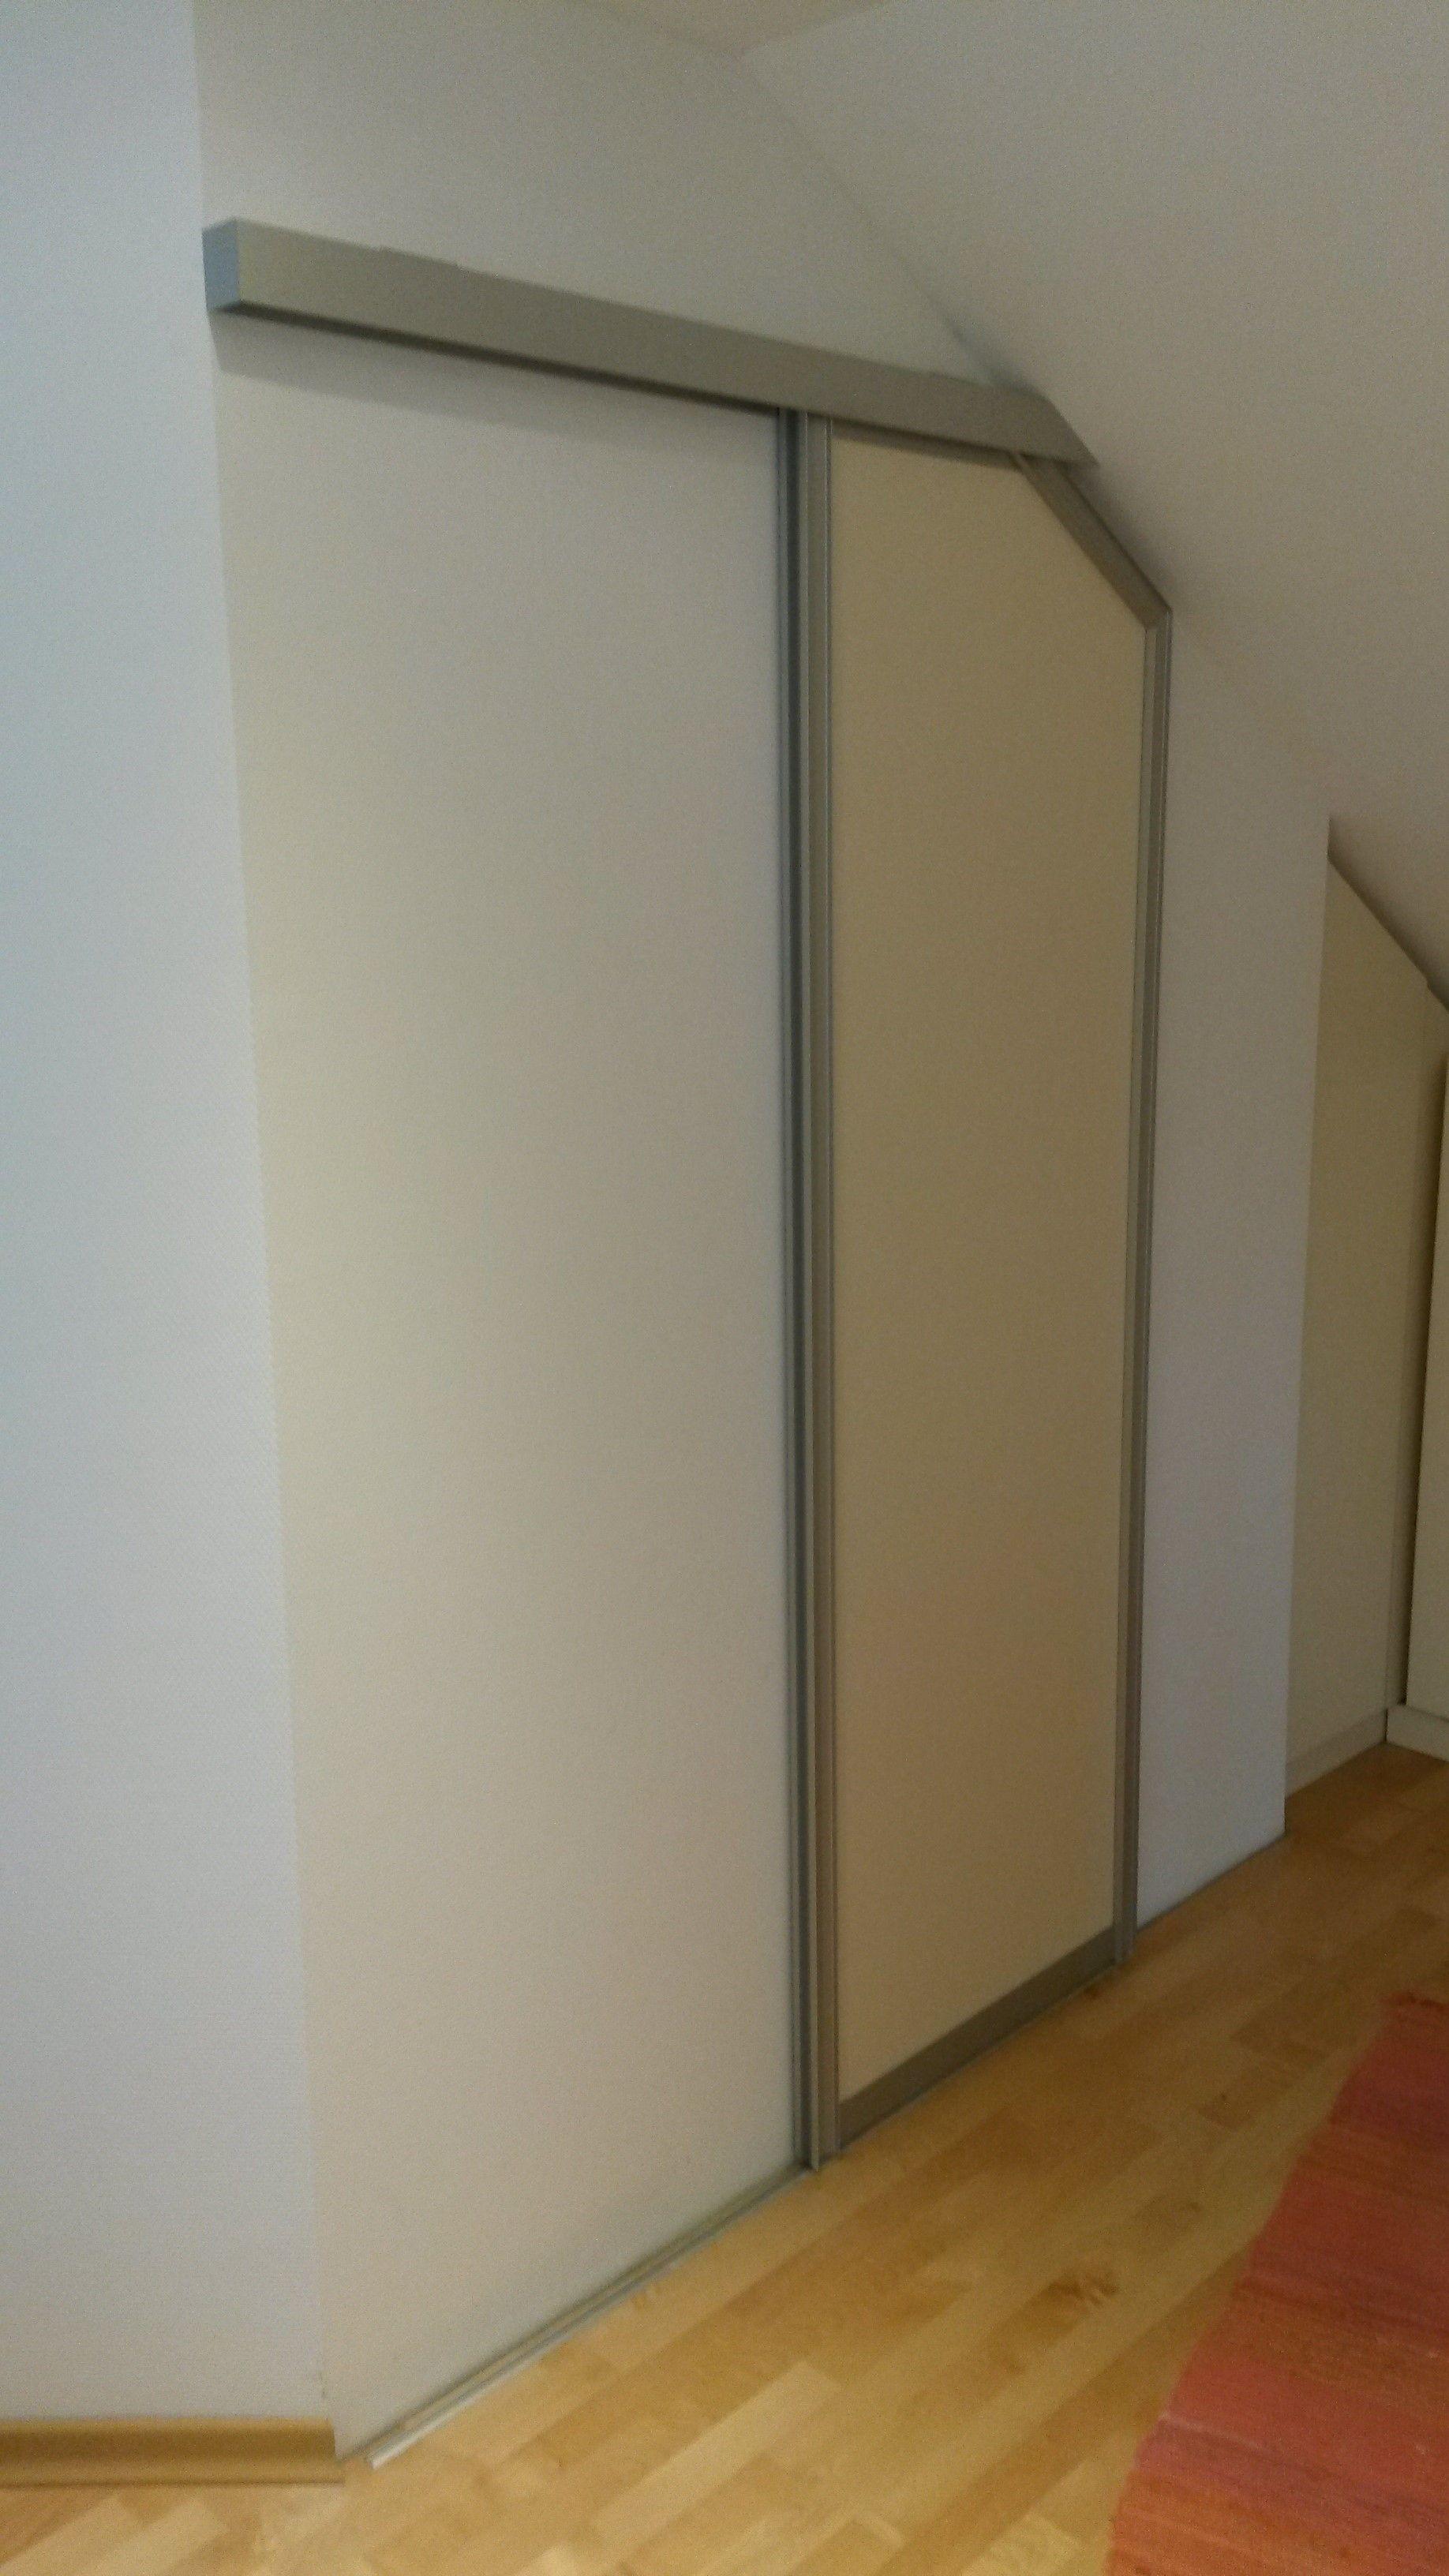 Top Schiebetür mit seitlicher Schräge. | Türen | Dachschräge, Schiebe NJ57